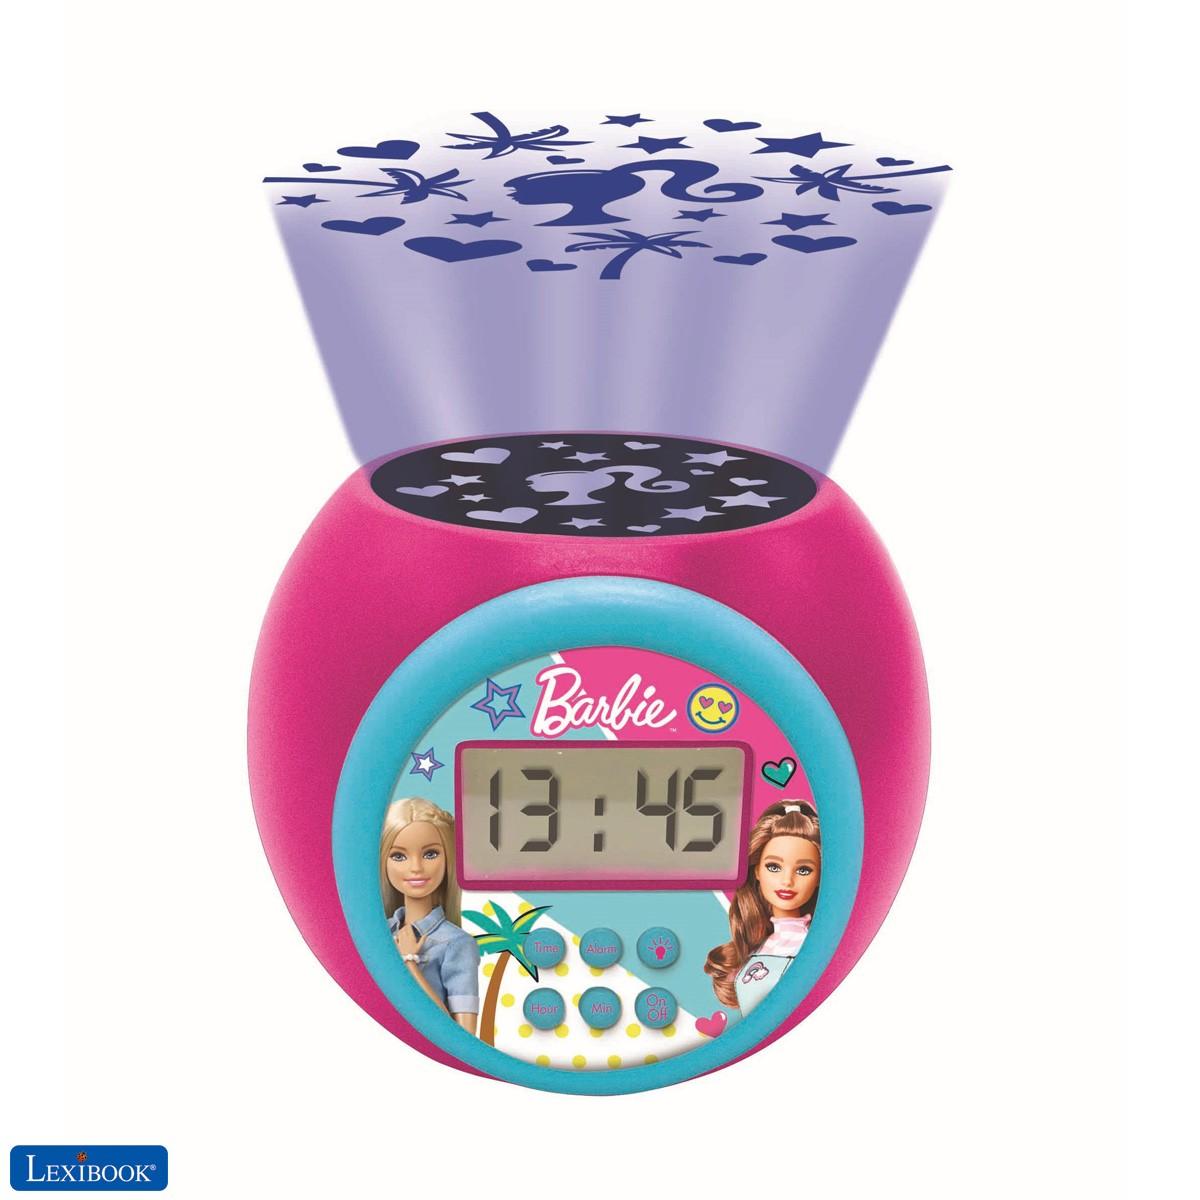 Réveil projecteur Barbie avec fonction alarme et répétition snooze